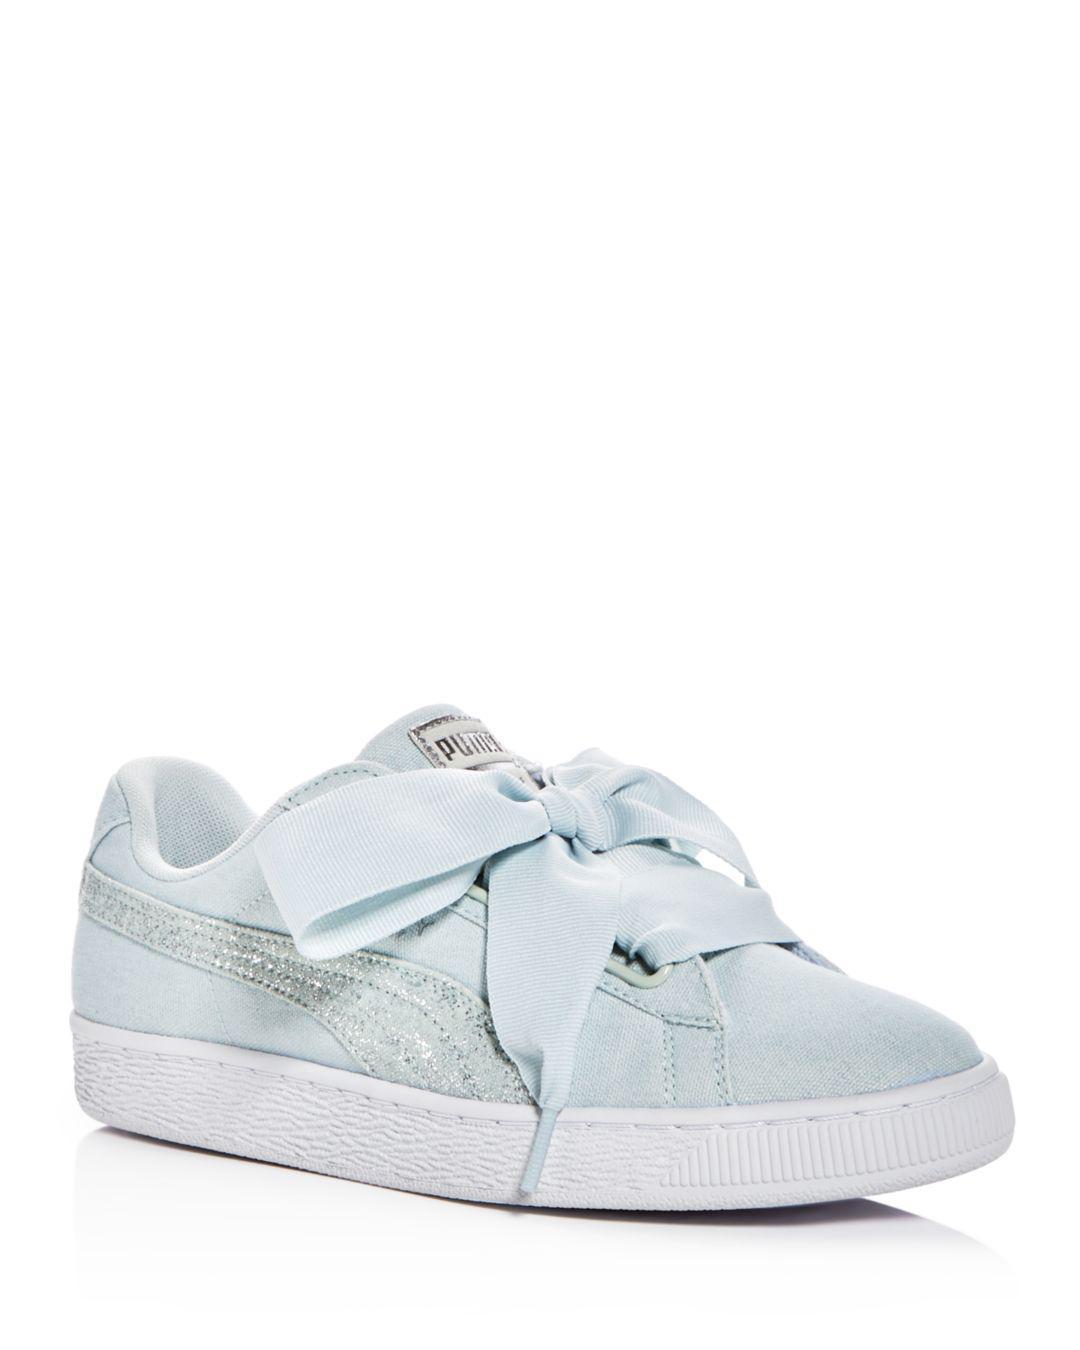 Lyst - PUMA Women s Basket Heart Canvas   Glitter Lace Up Sneakers ... d2308fbc5